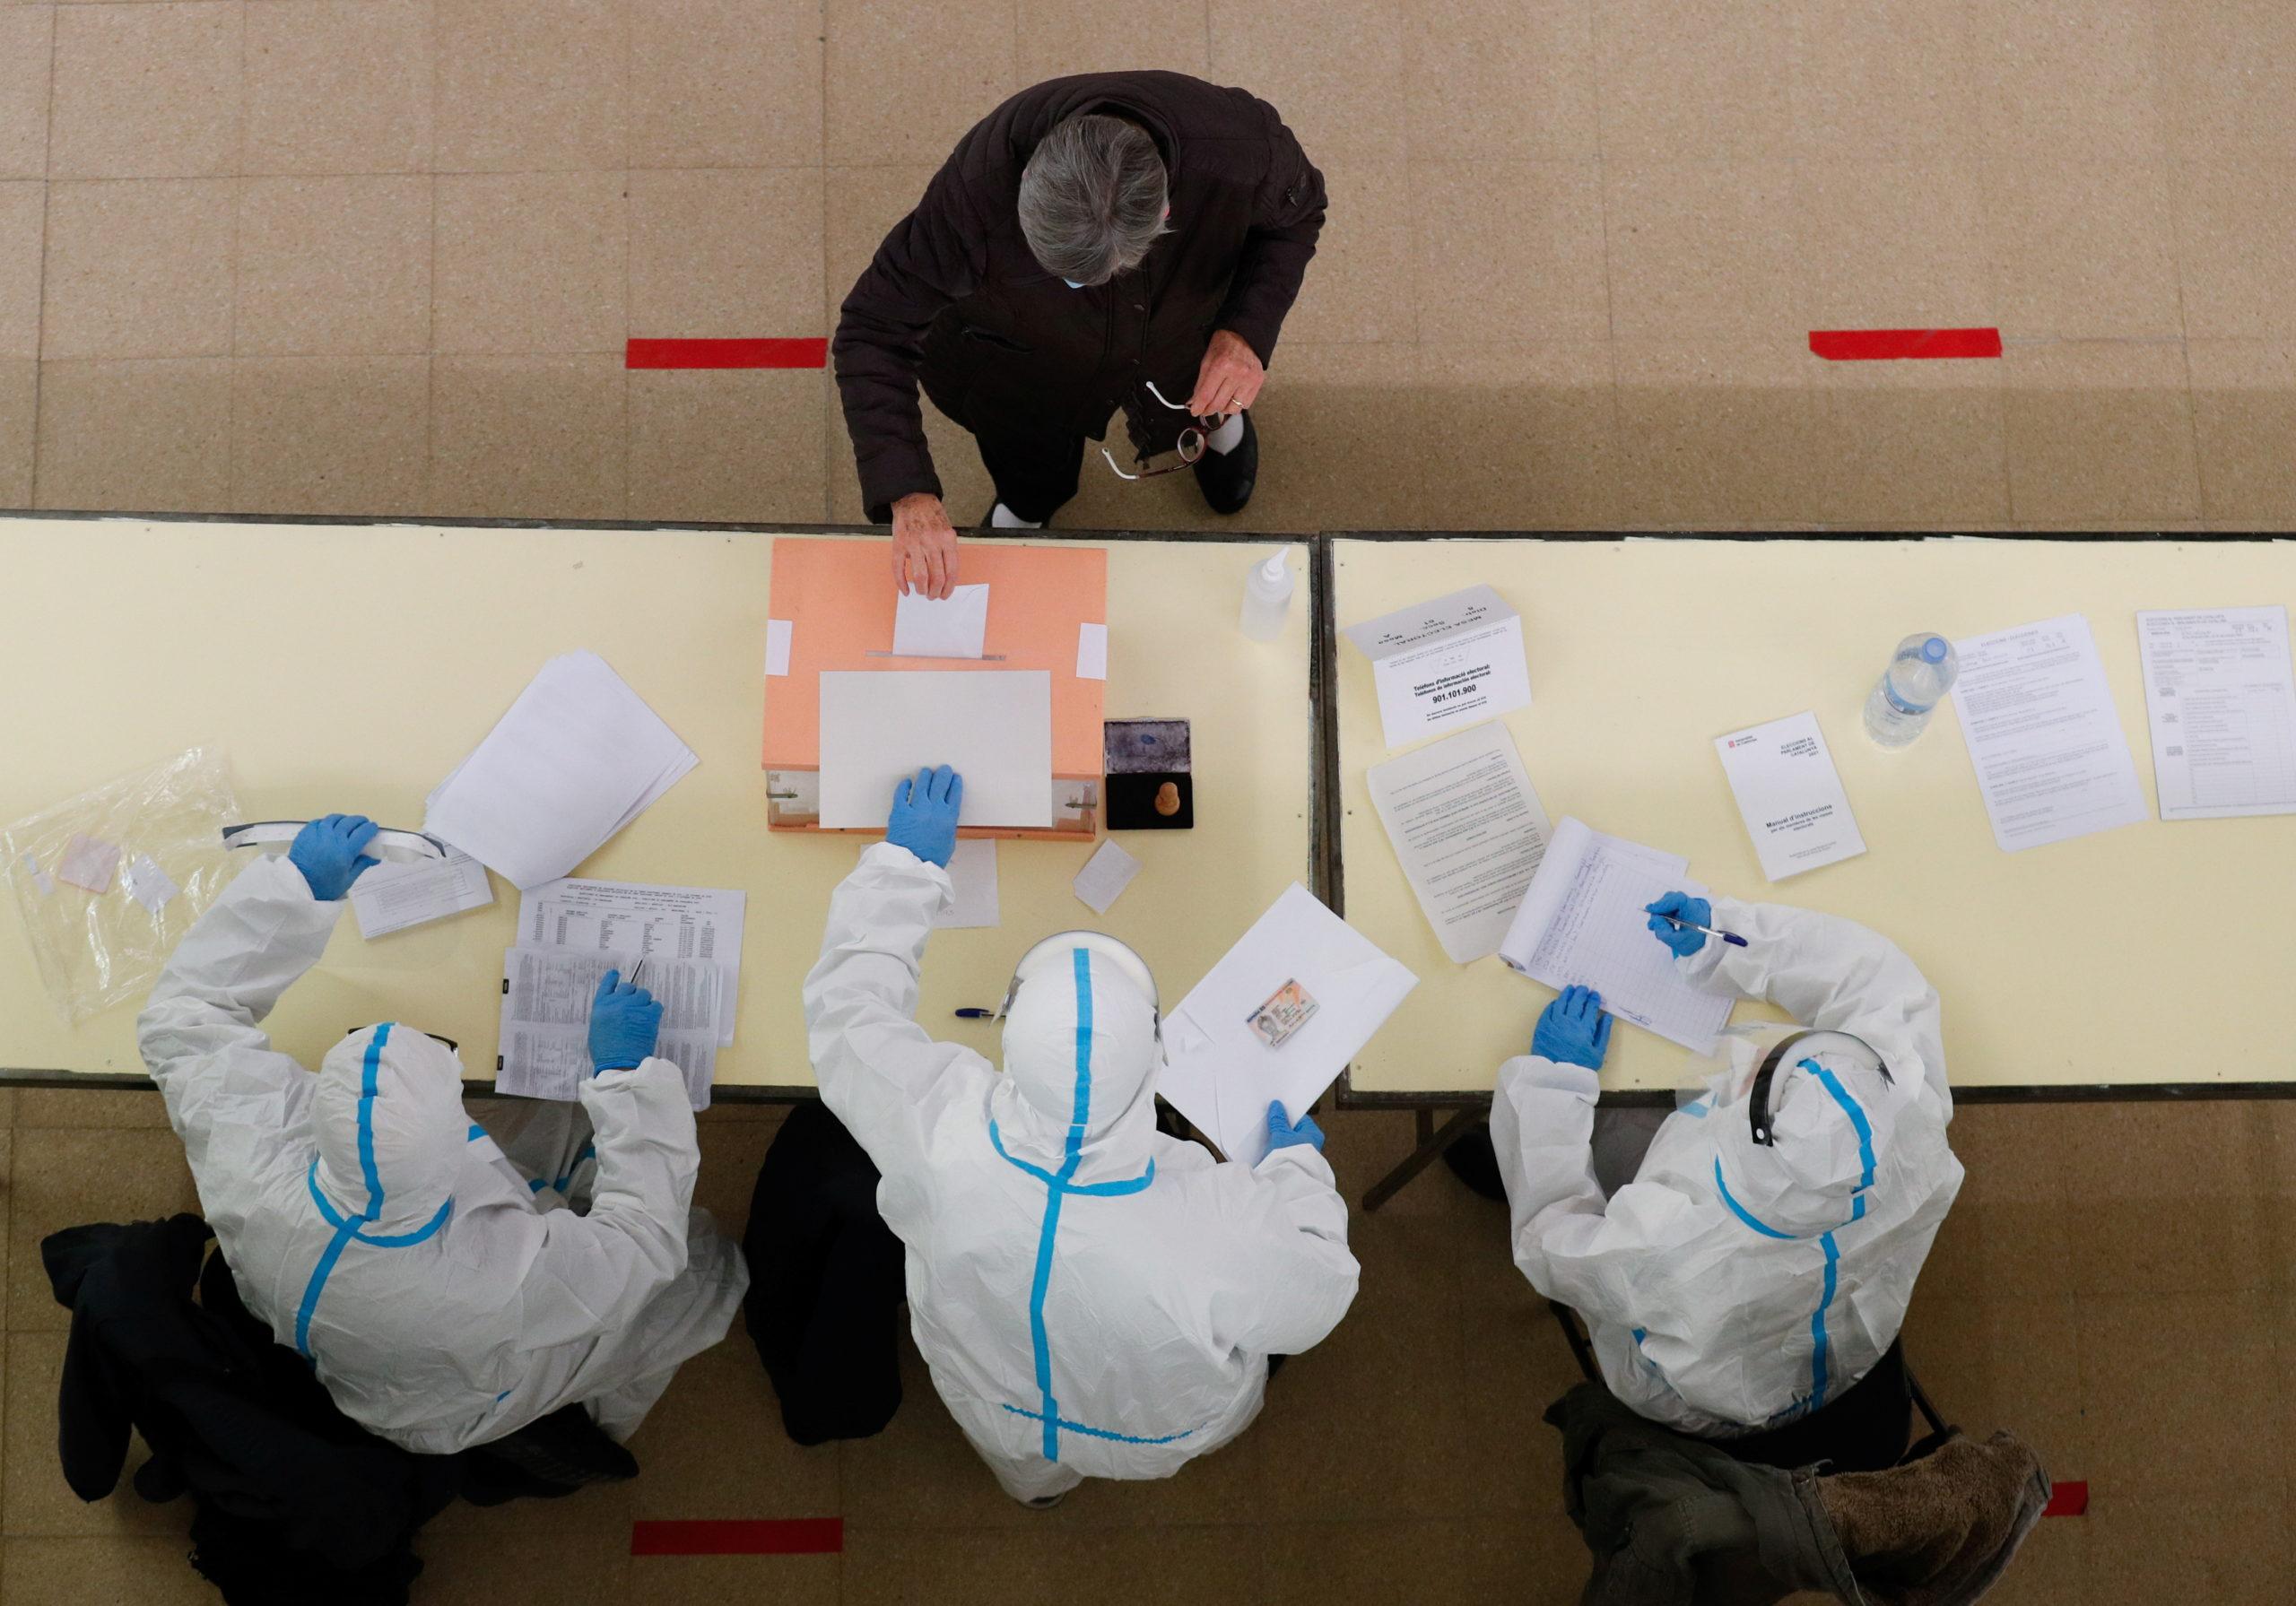 Le gouvernement défend le vote électronique par anticipation, l'opposition vent debout